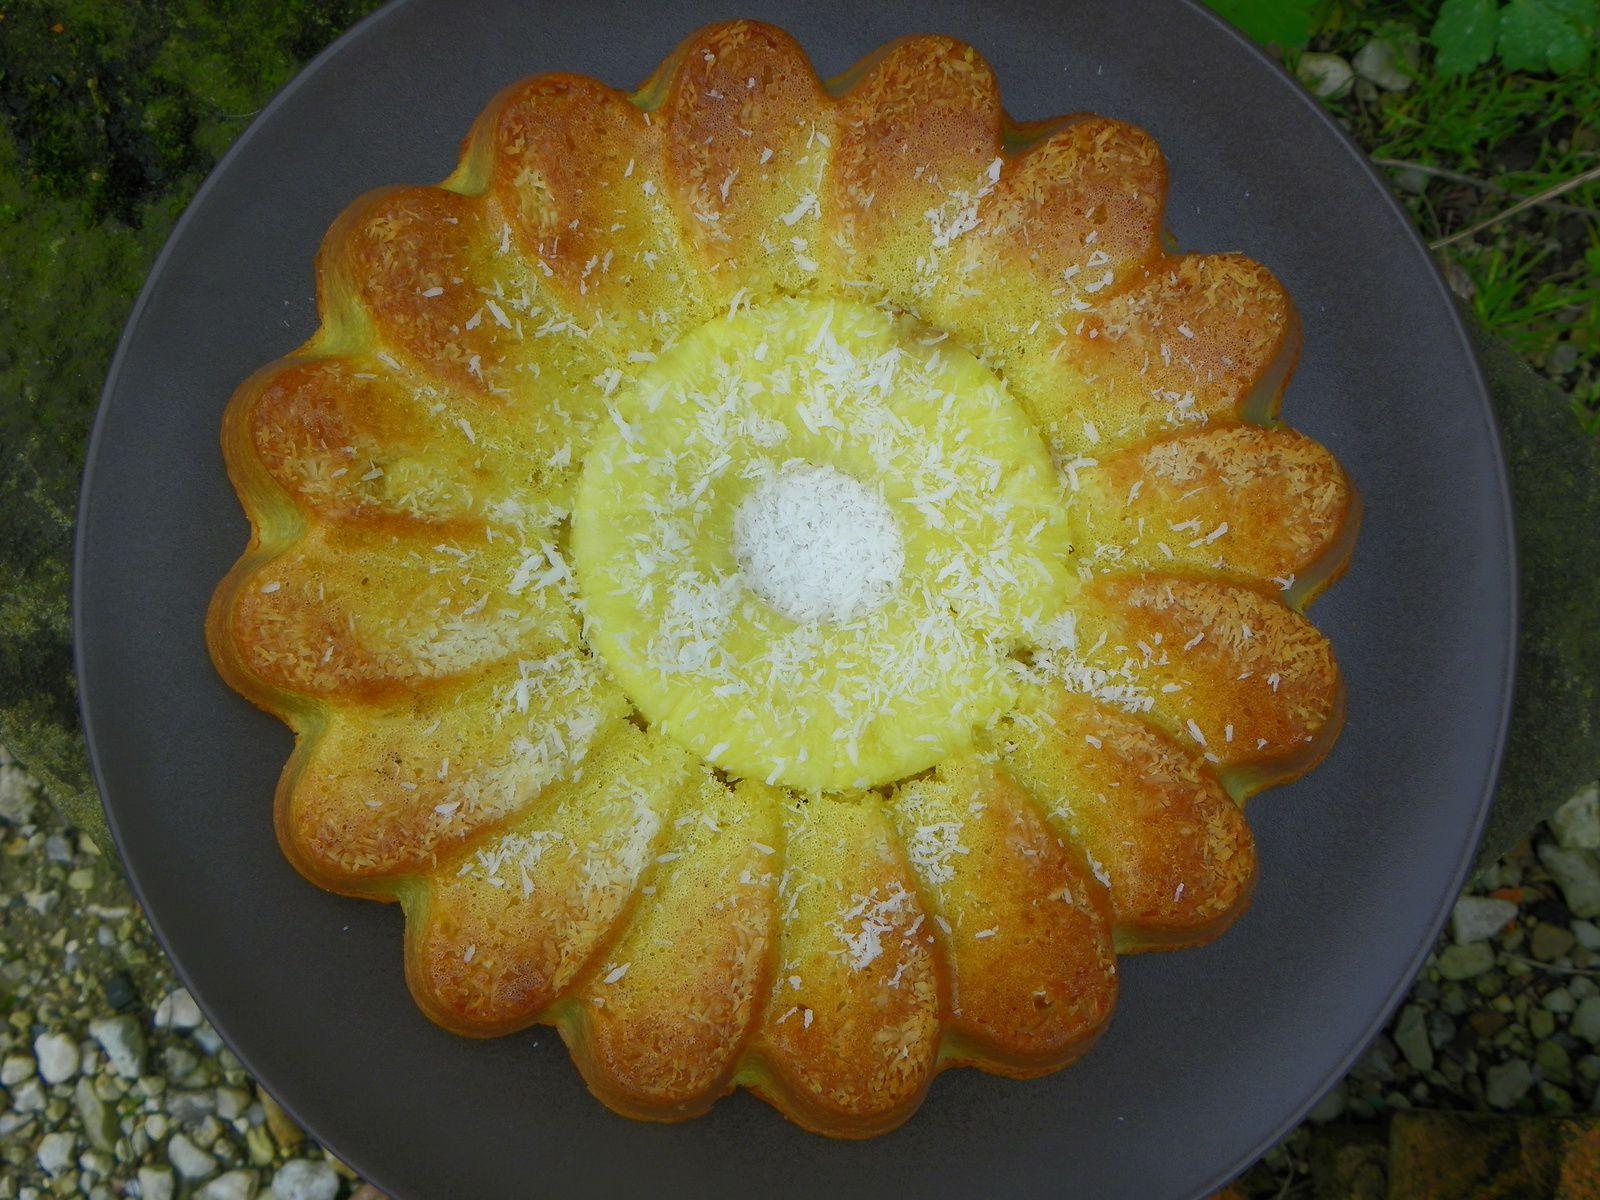 Crousti-moelleux à l'ananas